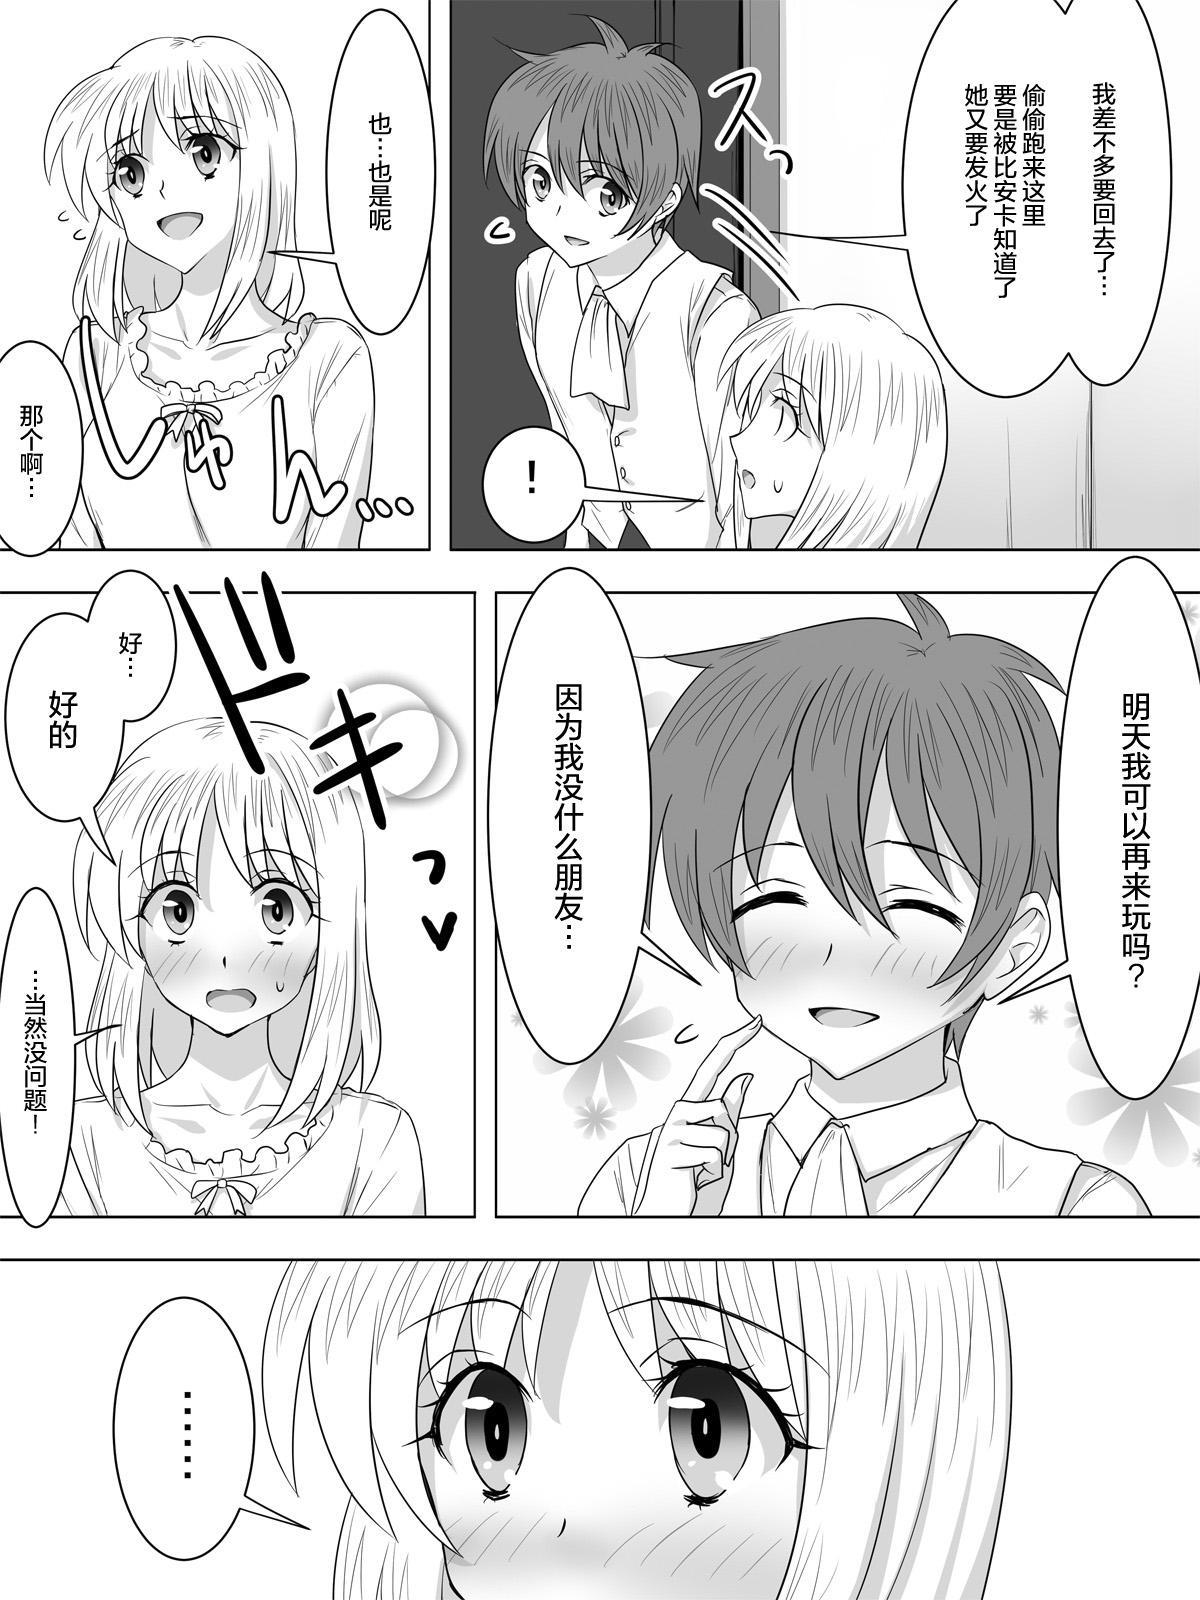 Picchiri Suit Maid to Doutei Kizoku 26